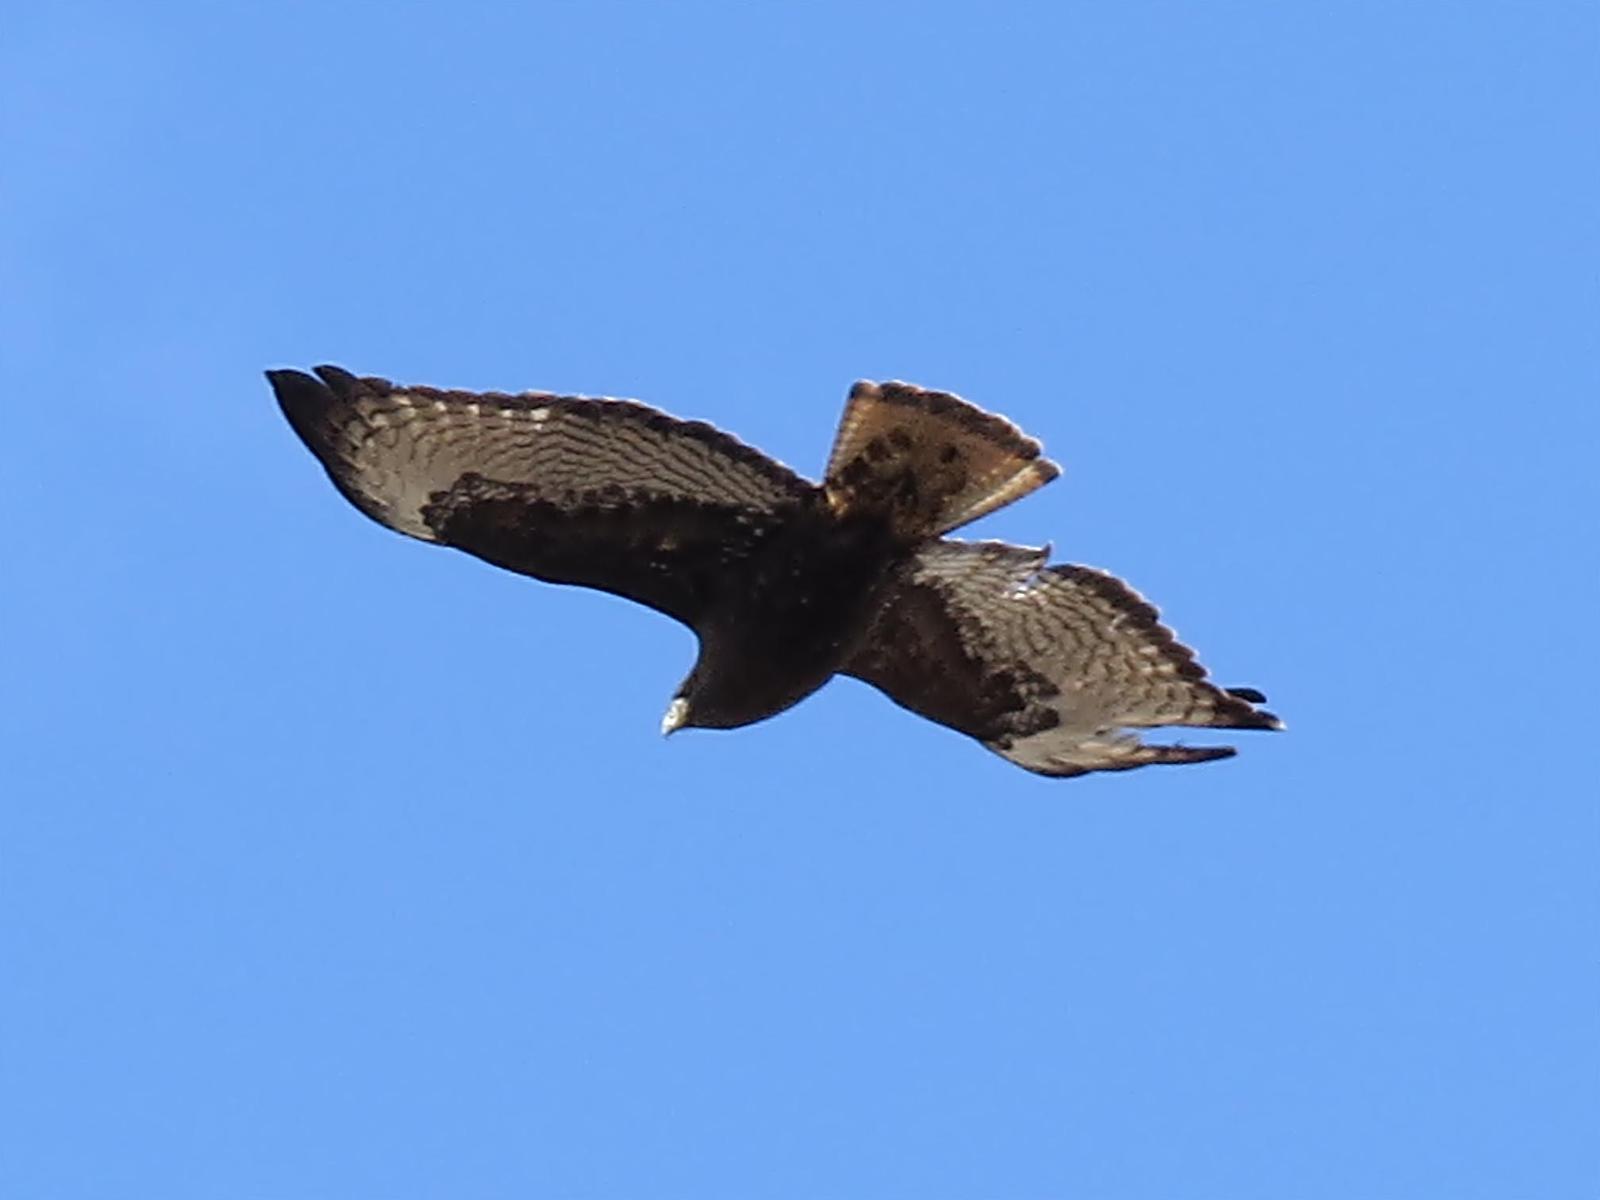 Ferruginous Hawk Photo by Bob Neugebauer